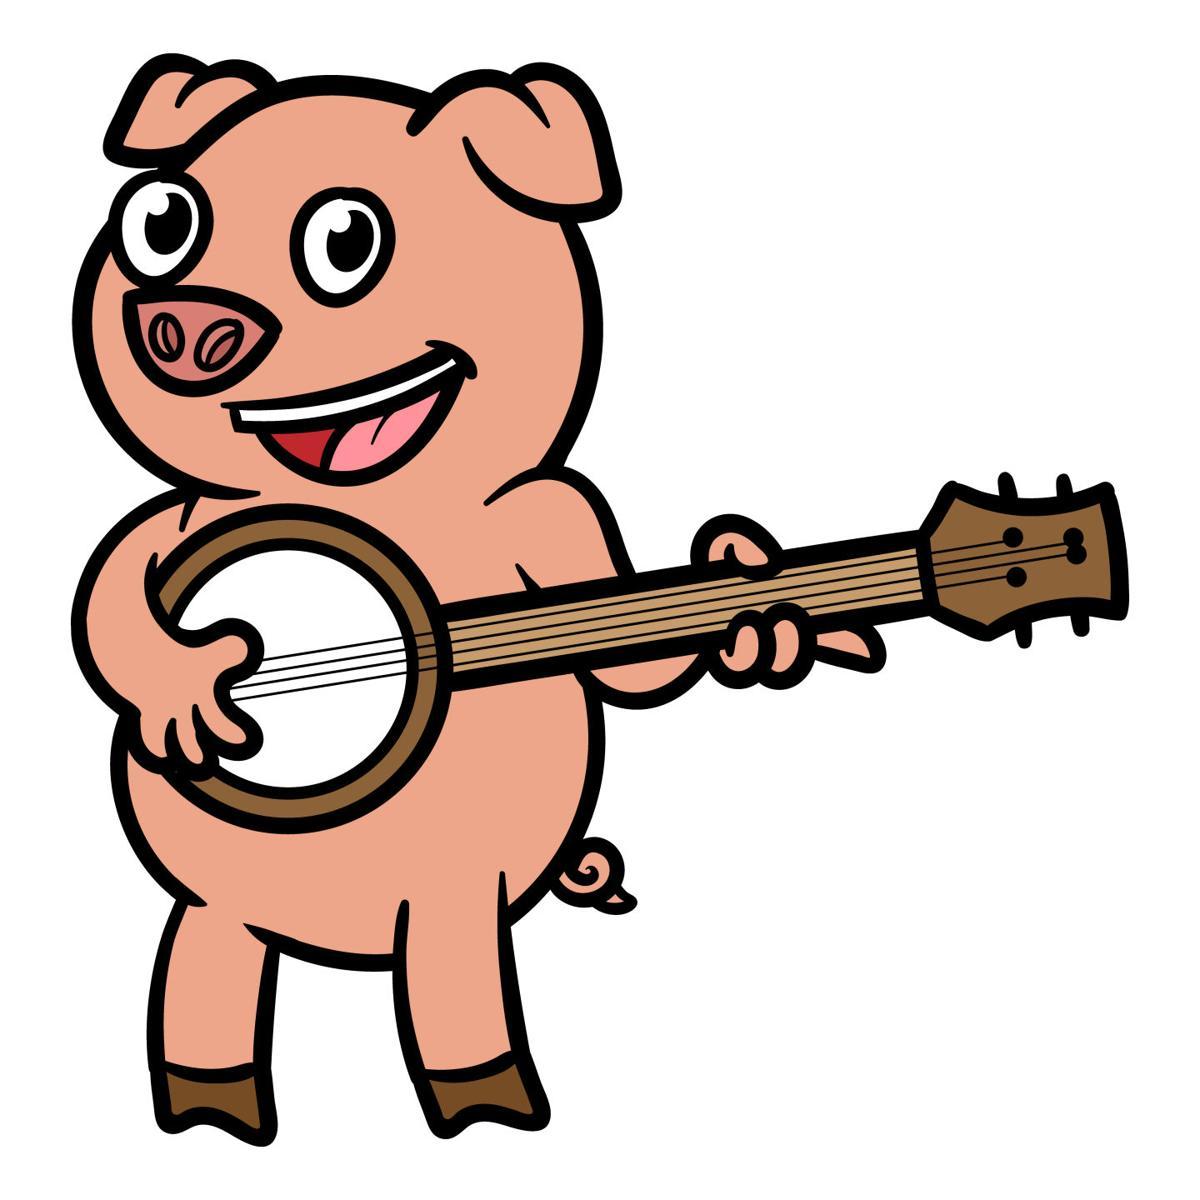 Cartoon Pig Playing Banjo